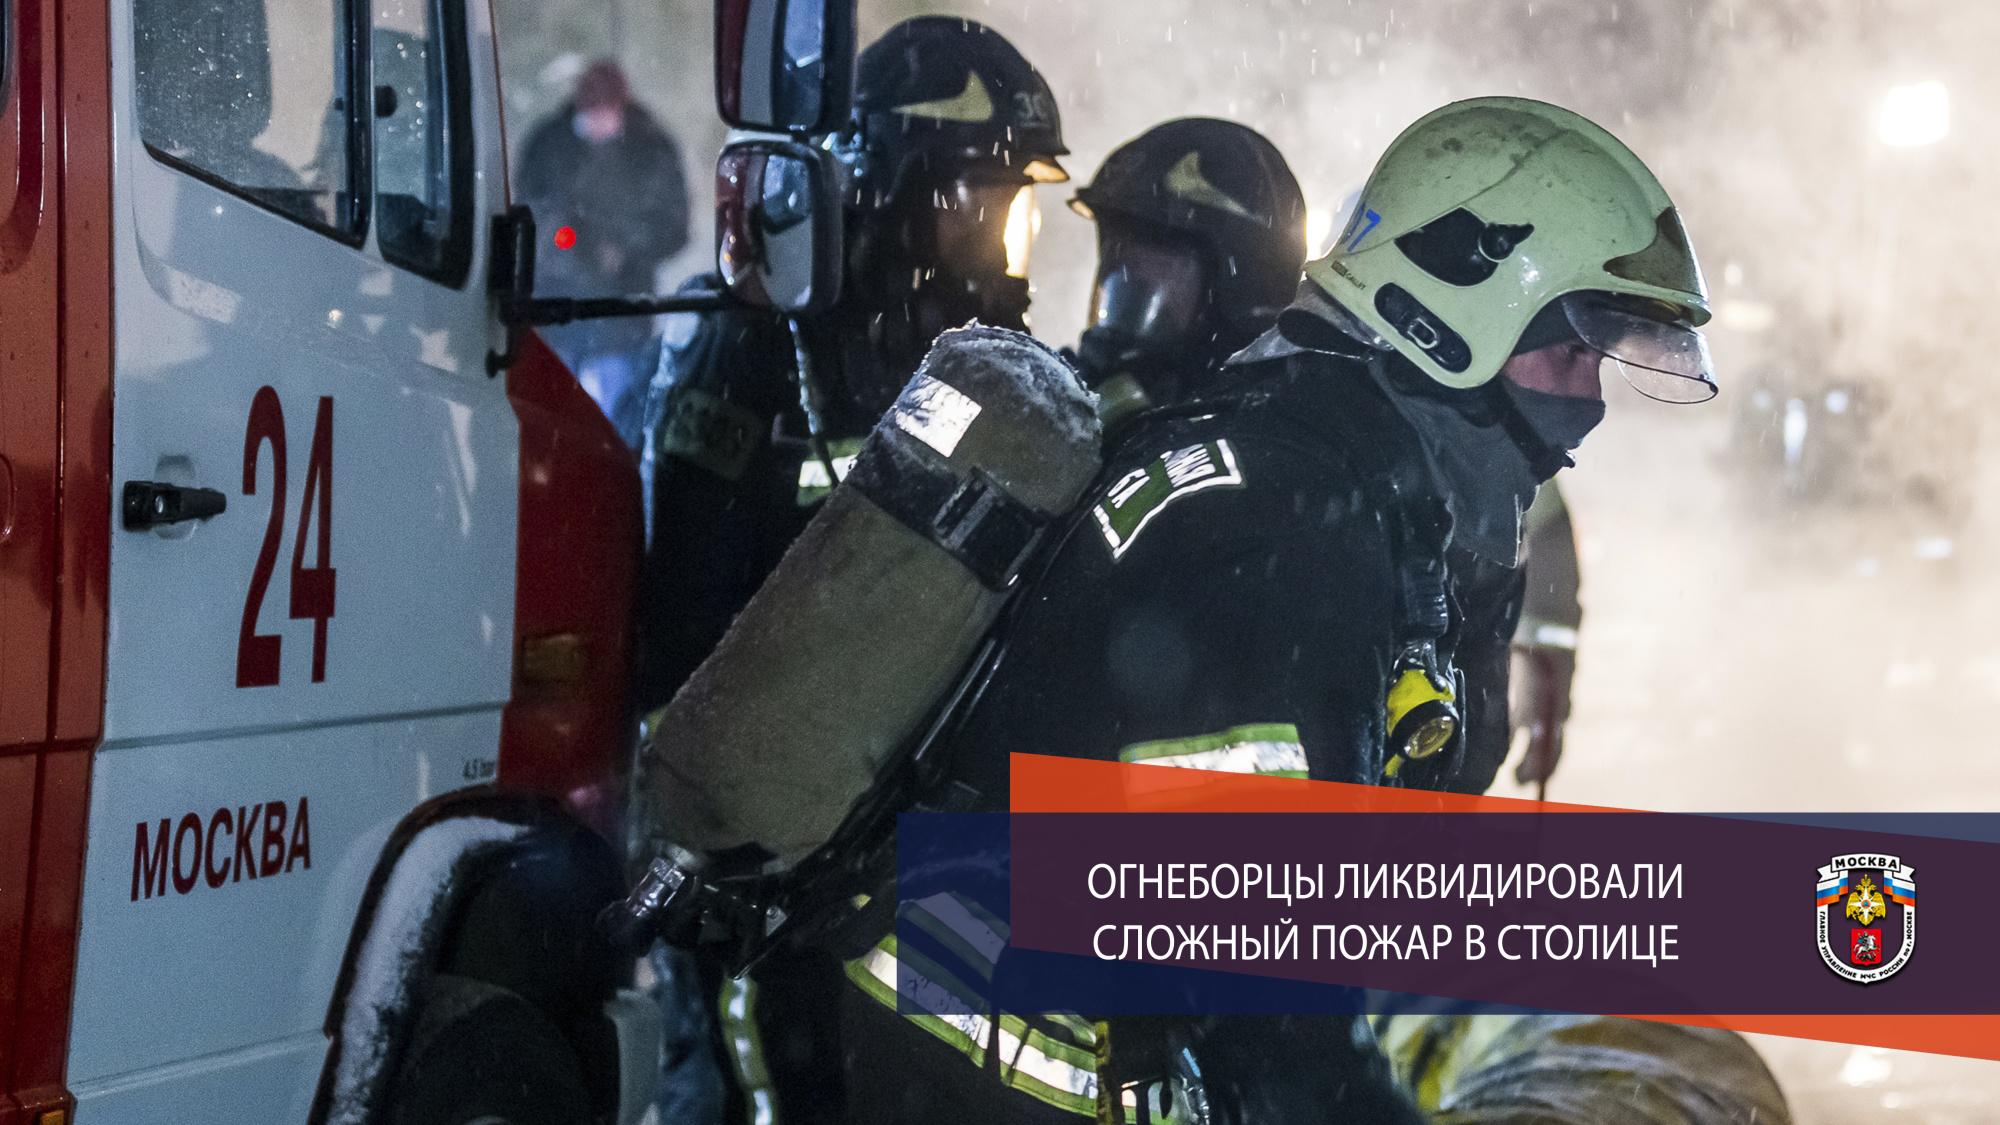 Огнеборцы ликвидировали сложный пожар в столице